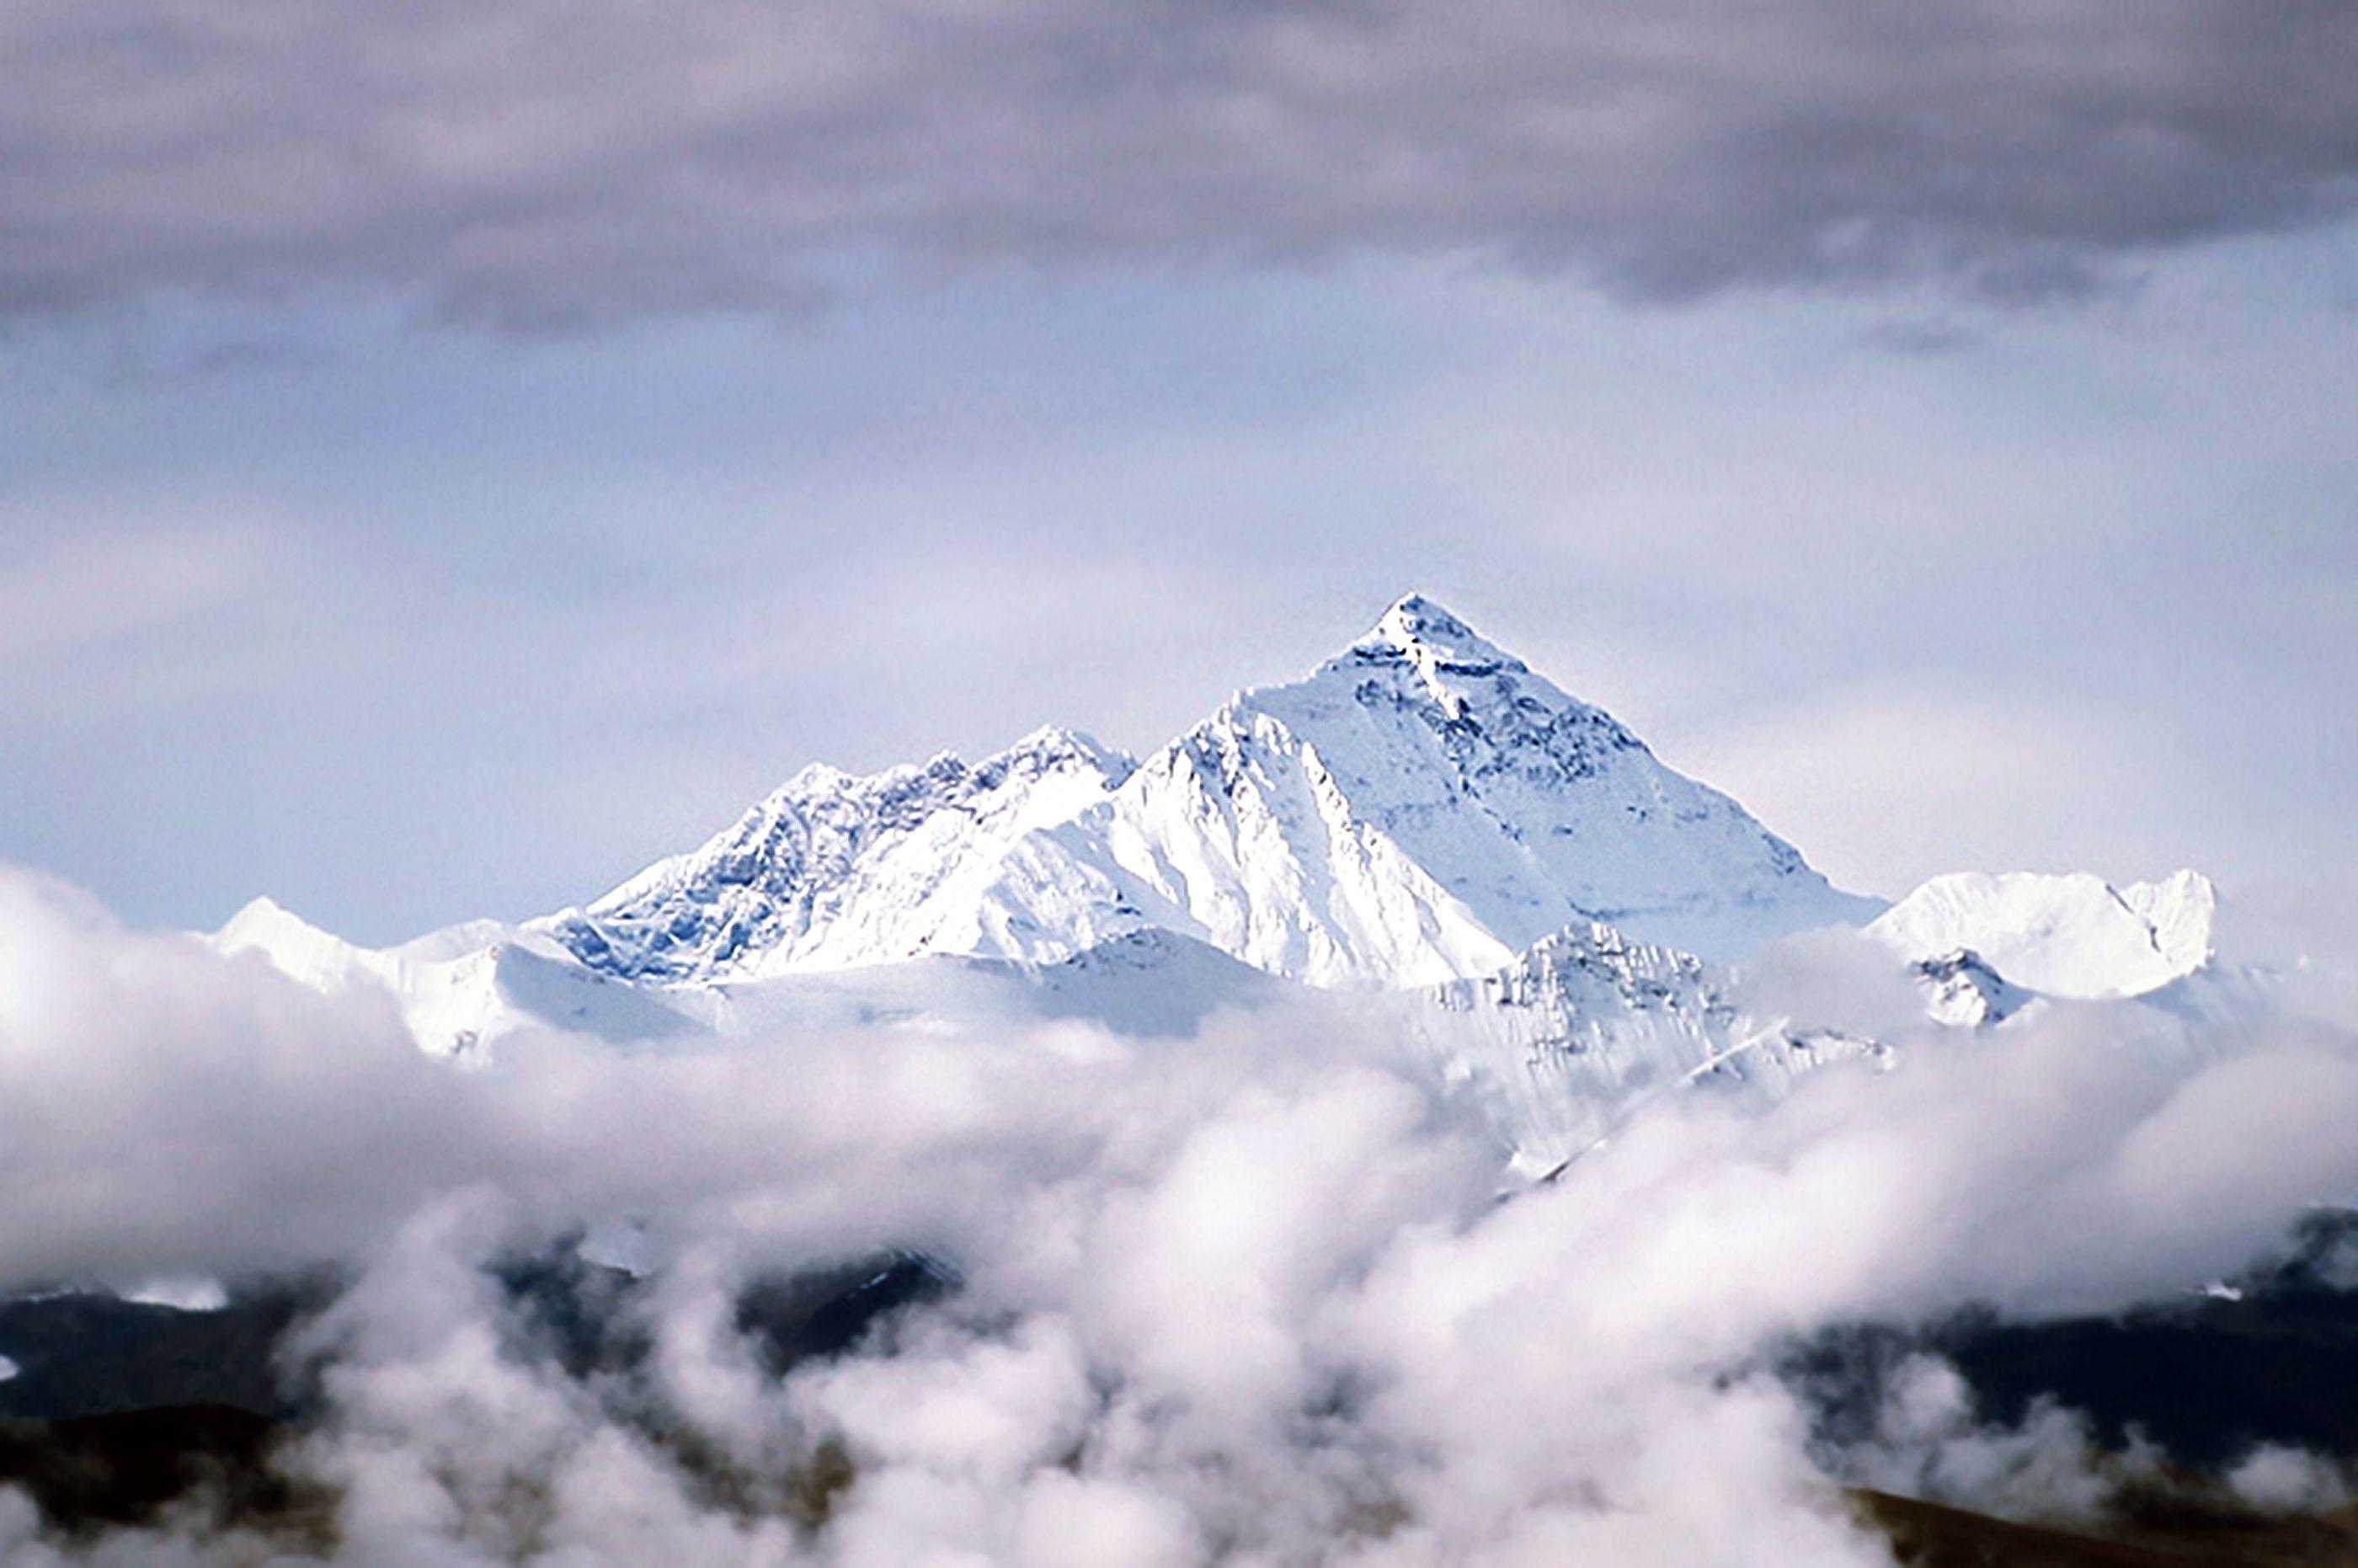 La storia incredibile del Rolex che raggiunse per primo la vetta dell'Everest